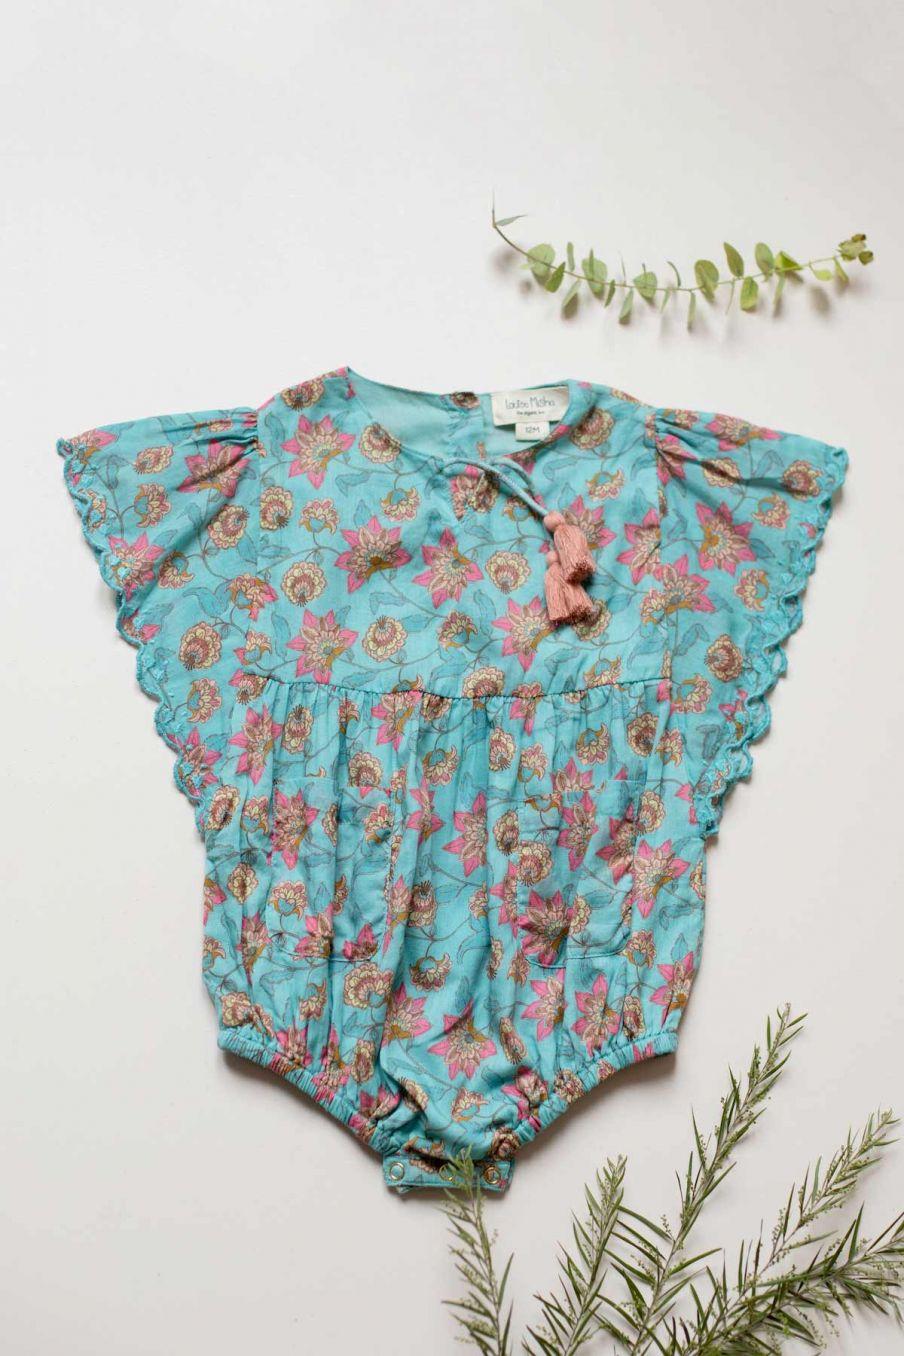 boheme chic vintage combinaison bébé fille mayalia turquoise flowers